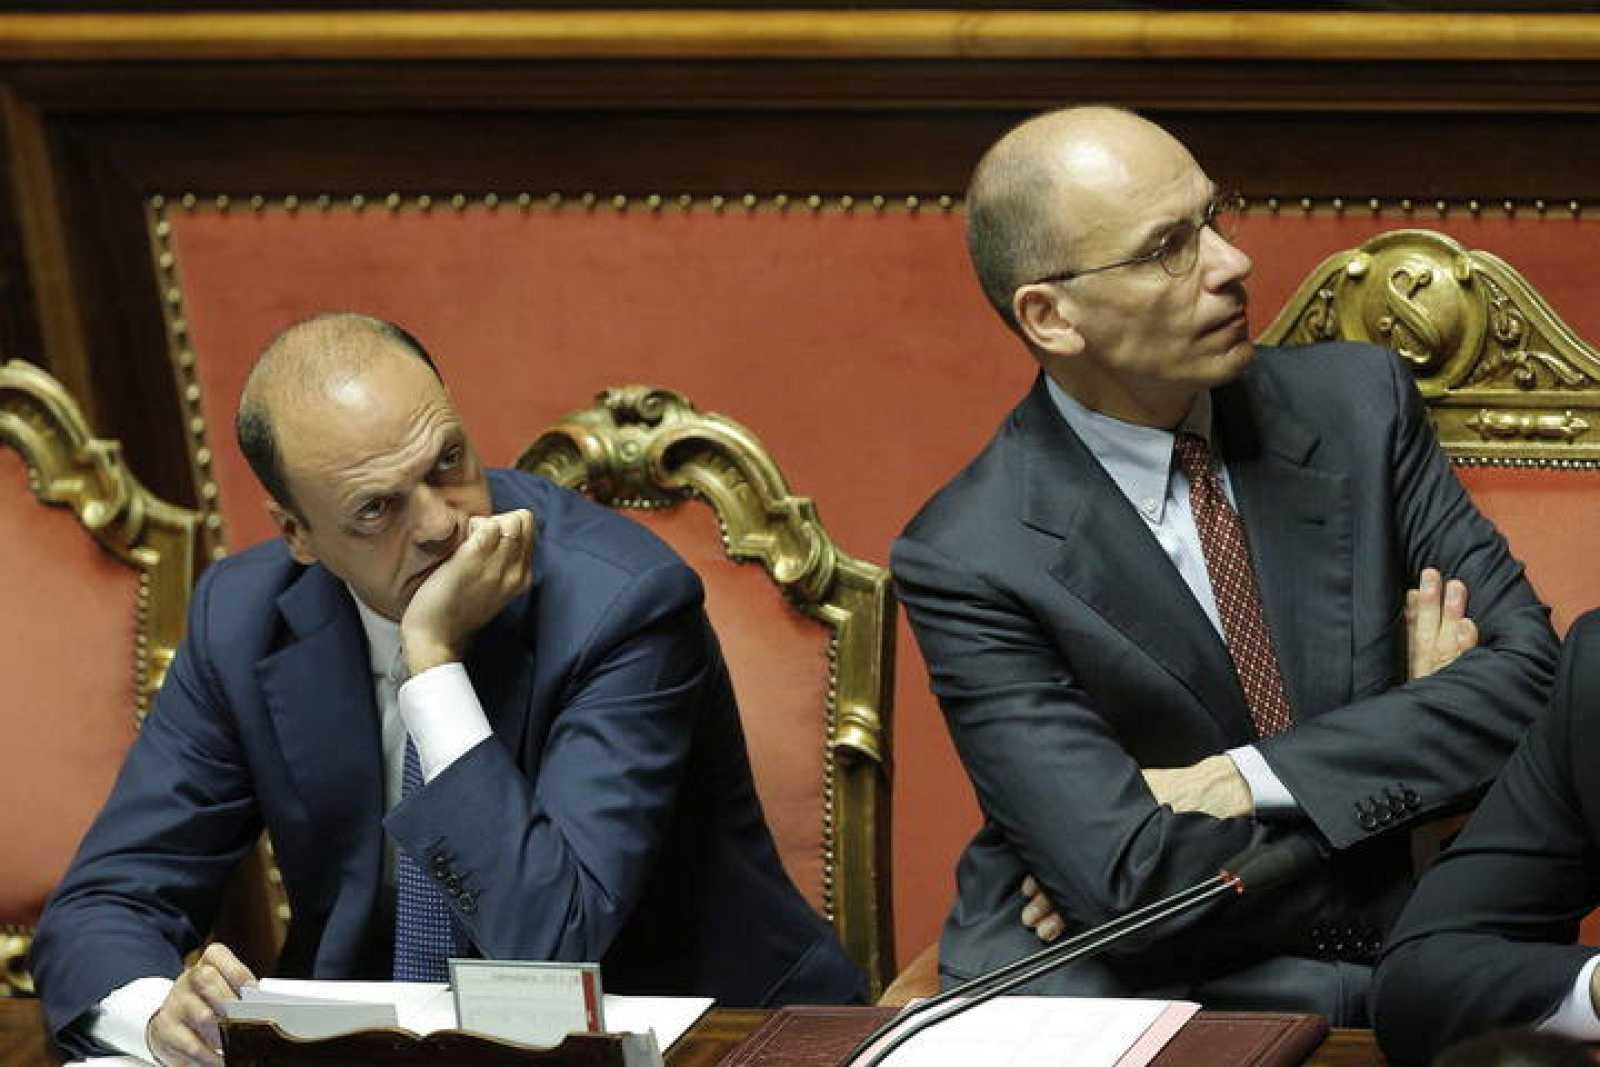 EL MINISTRO ITALIANO DE INTERIOR AFRONTA HOY UNA MOCIÓN DE CENSURA